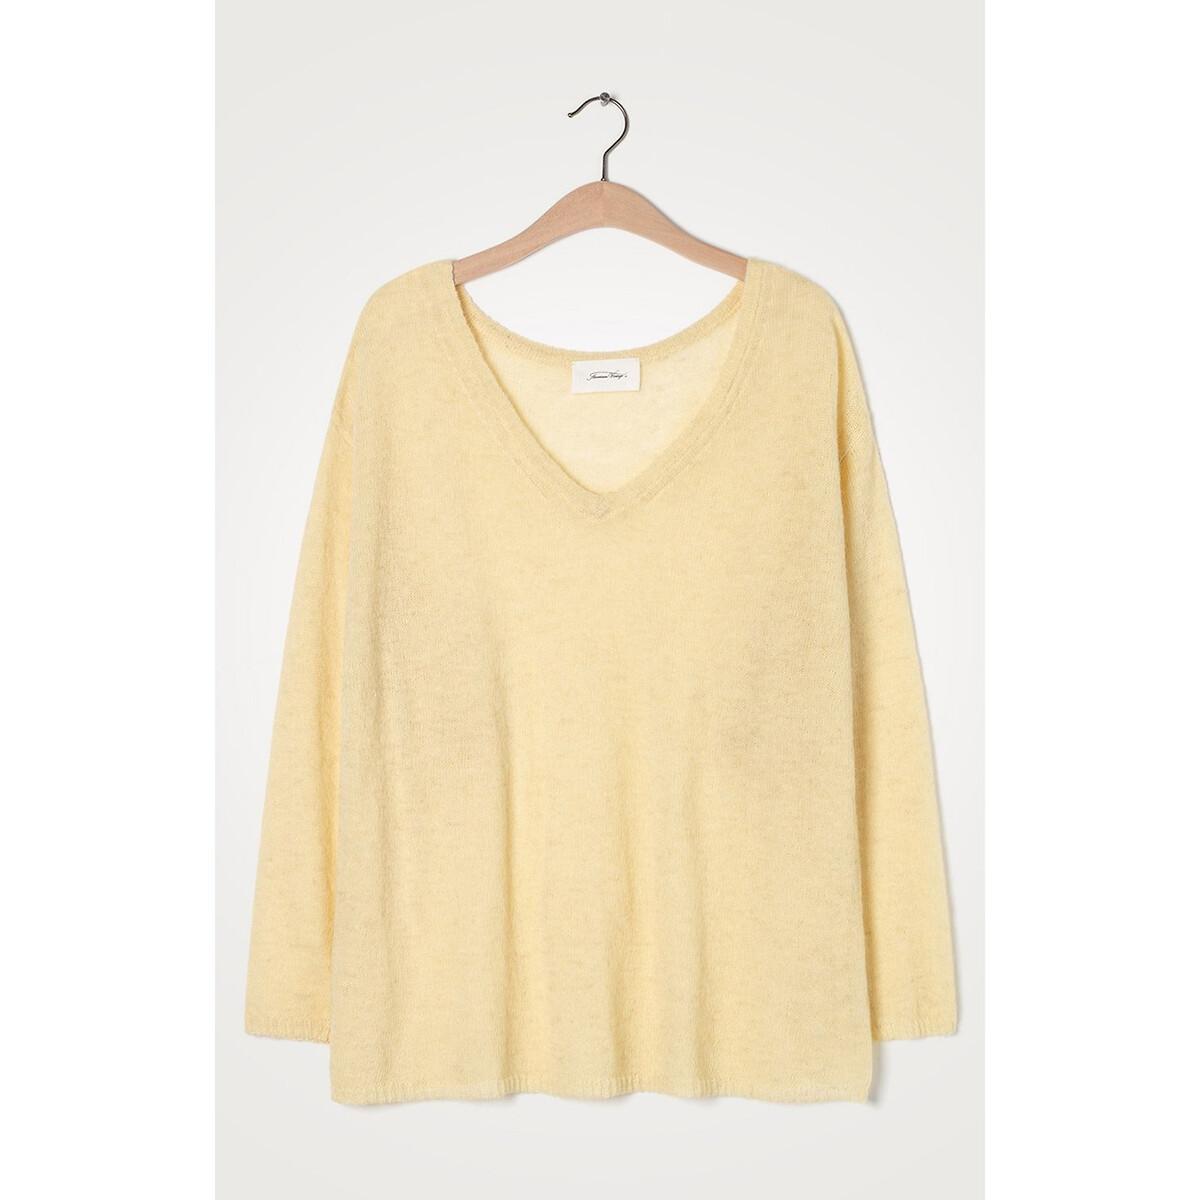 Пуловер LaRedoute С V-образным вырезом из тонкого трикотажа S/M желтый